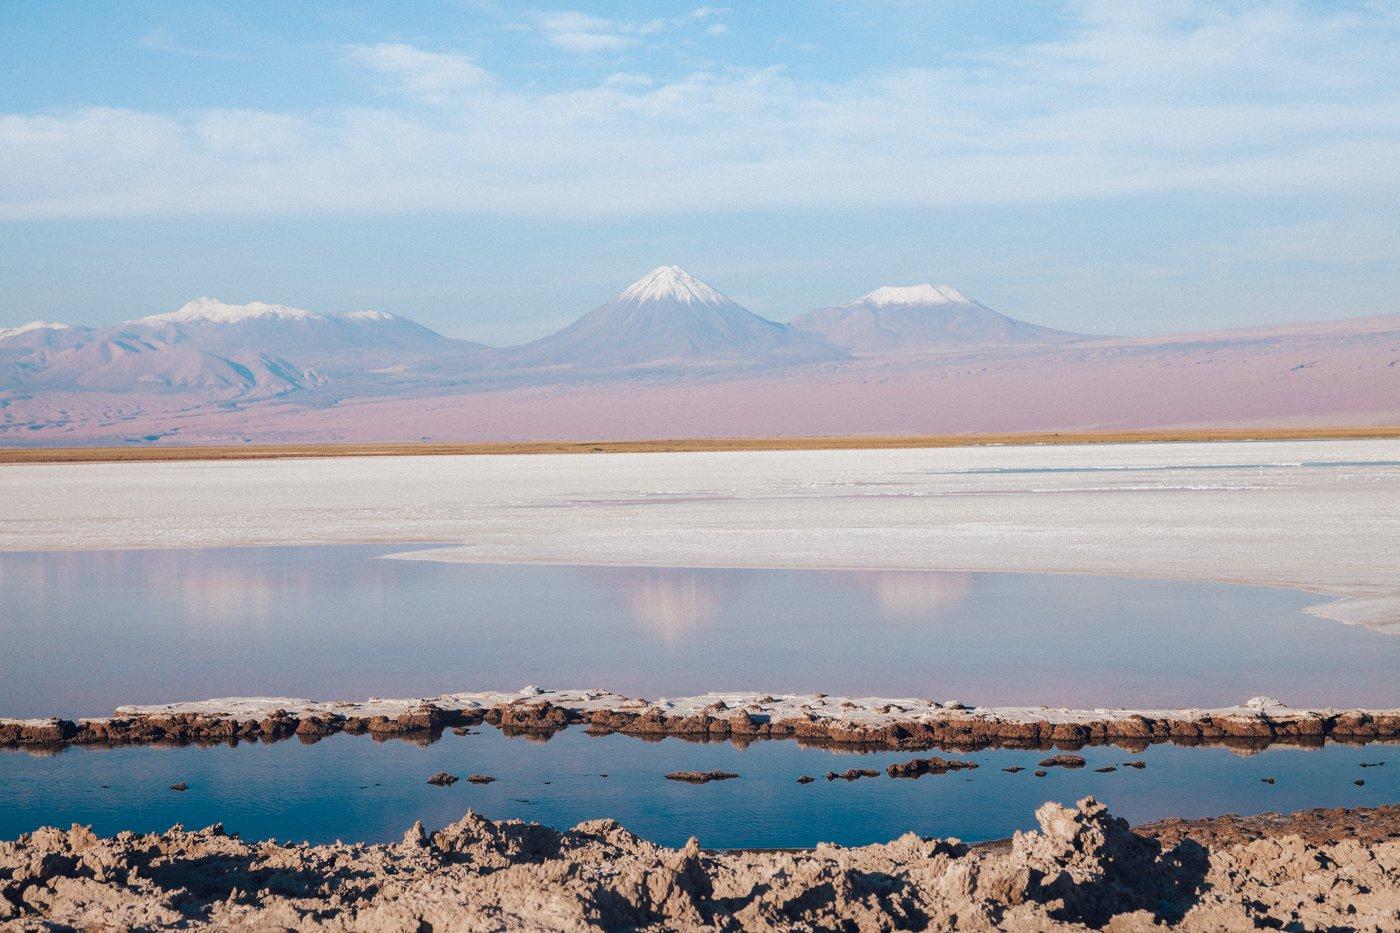 Deserto do Atacama: Laguna Tebinquinche e os vulcões ao fundo (O vulcão mais pontiagudo é o Licancabur, e à direita dele o Juriques)